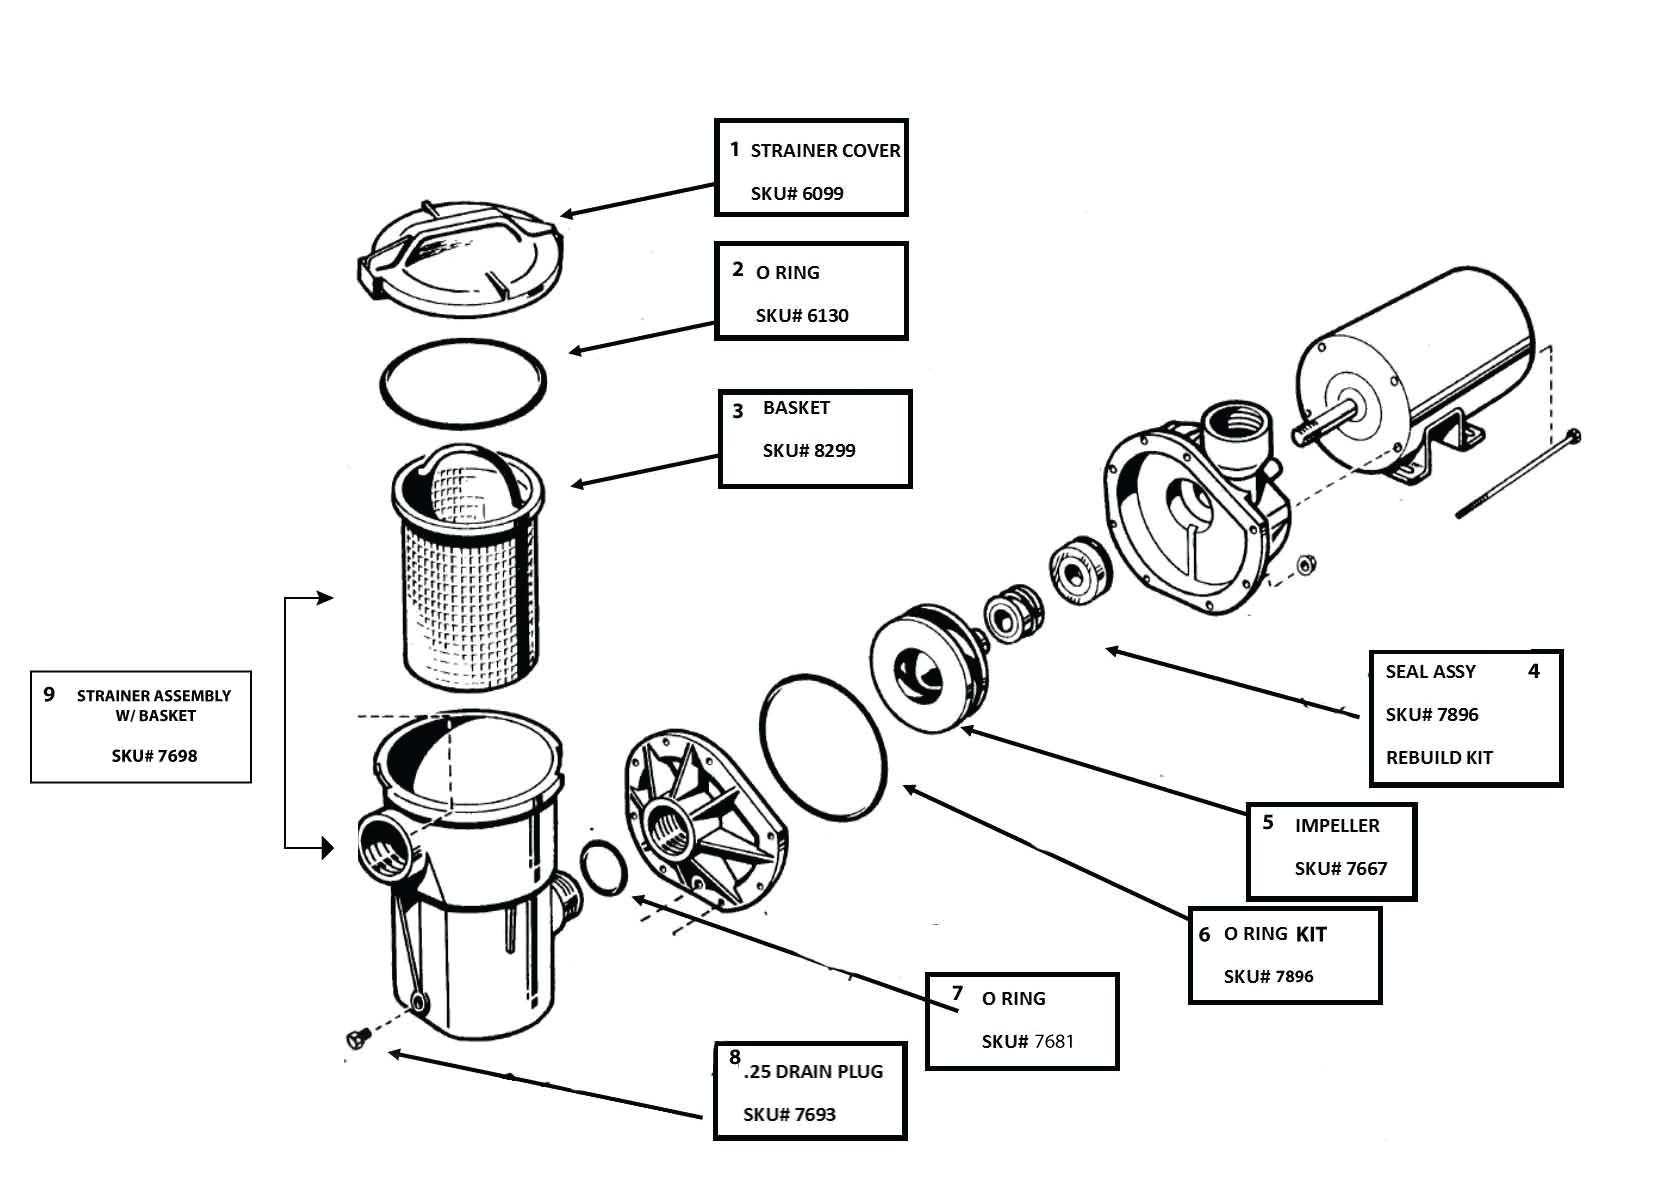 2.0 HP/2 Speed Swimpro Vertical Discharge Matrix Pump with